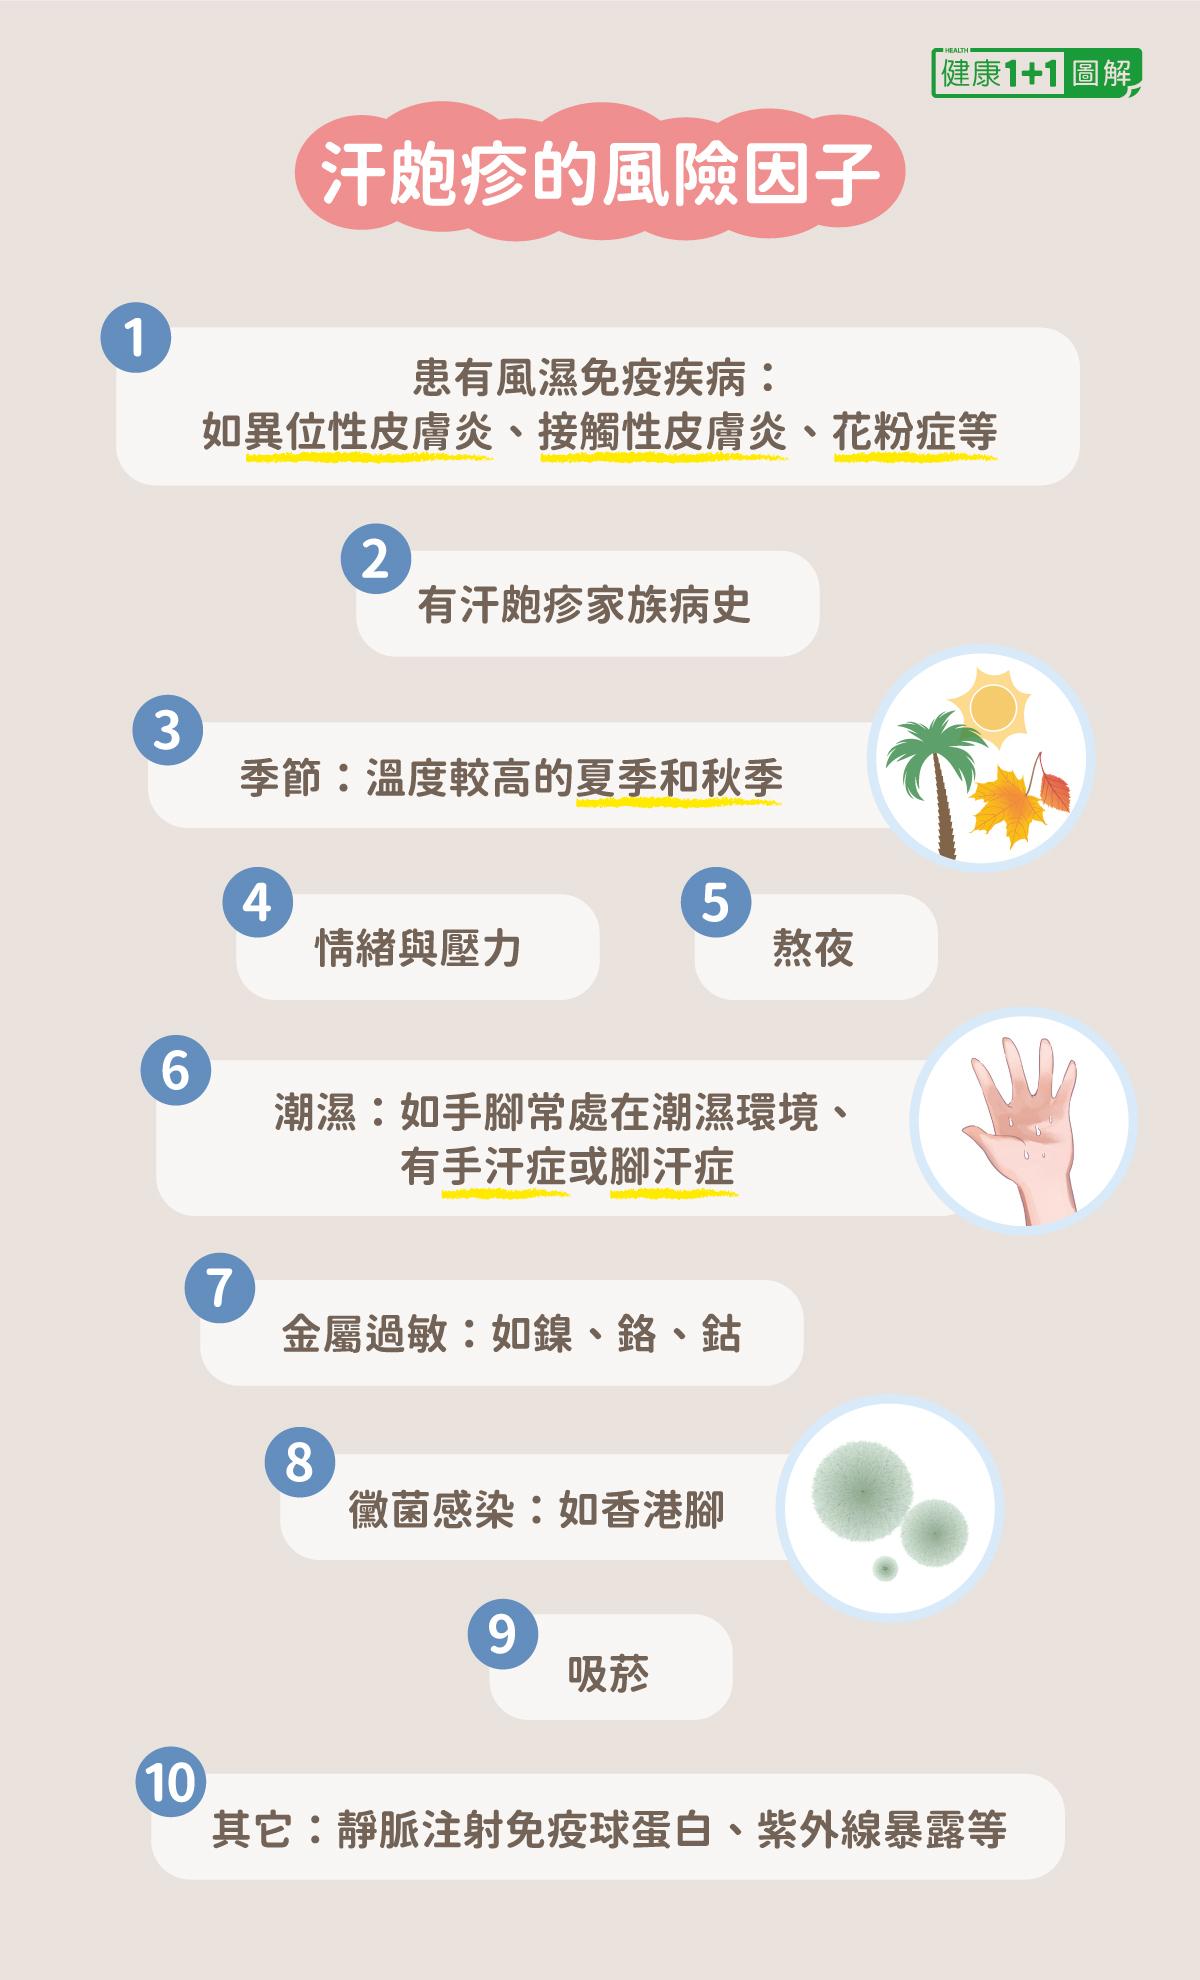 汗皰疹如何預防,保養與治療?圖解一次看懂 | 癥狀 | 水泡 | 中醫 | 大紀元